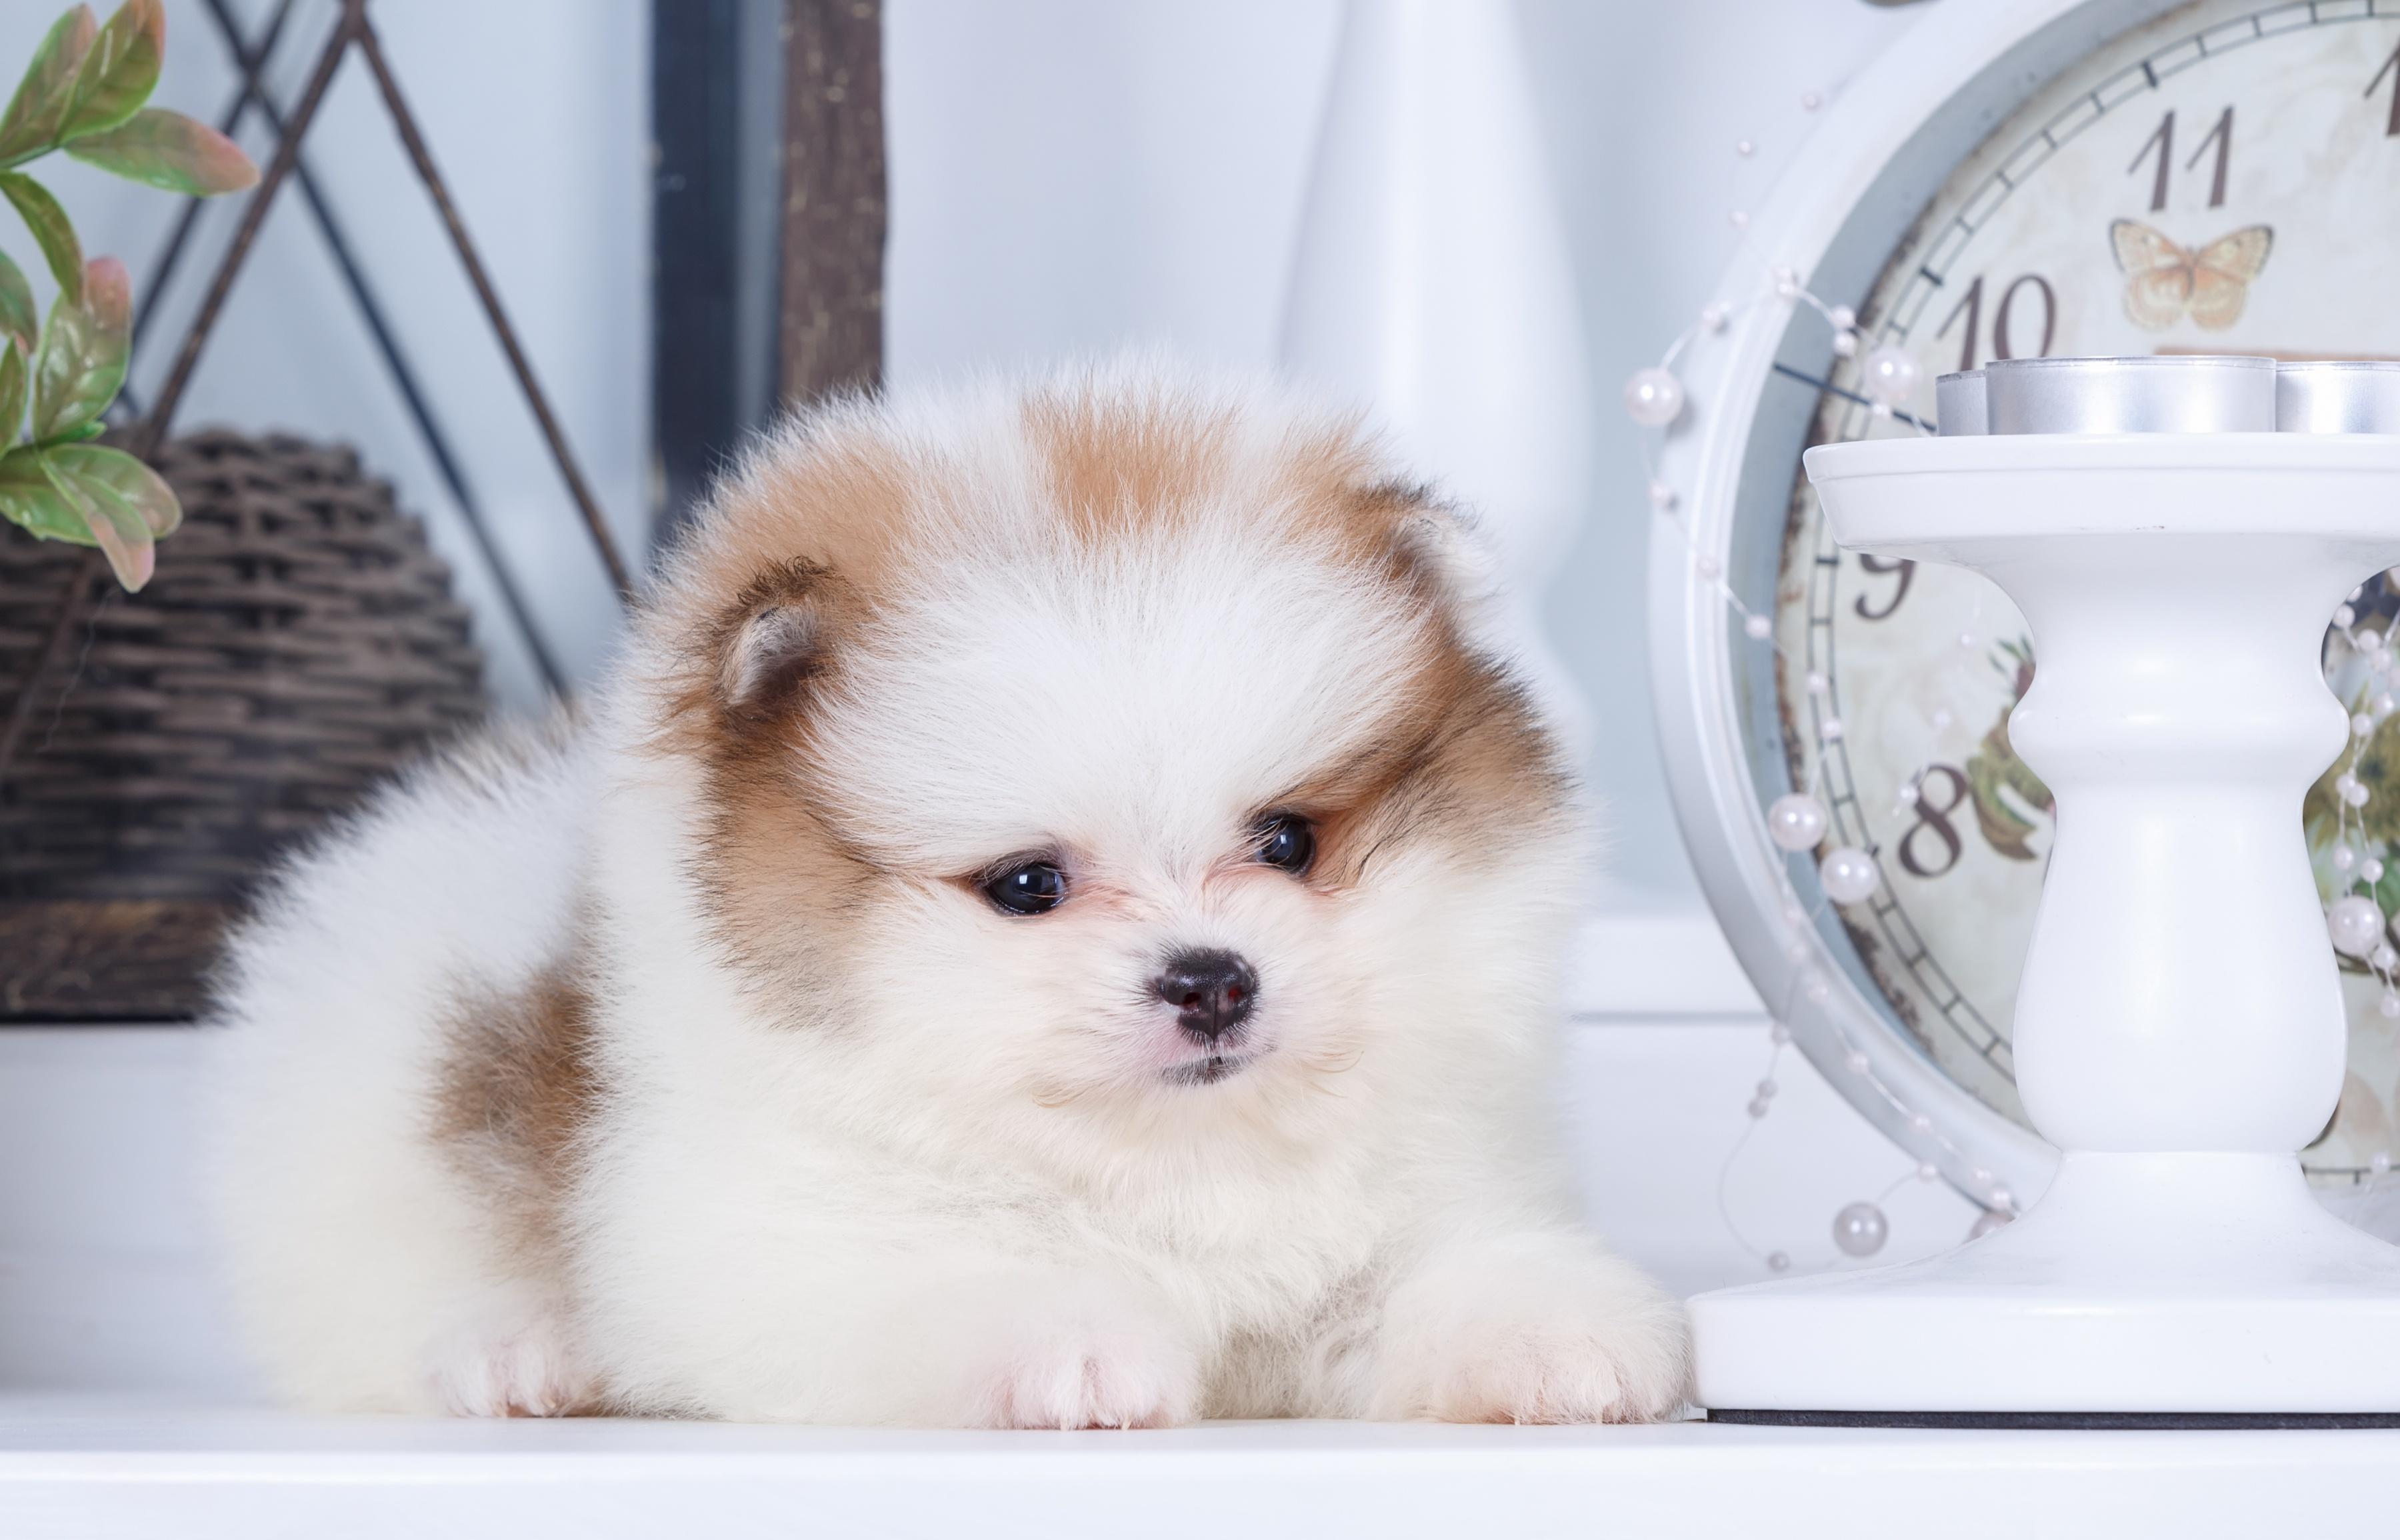 белые собаки щенки животные розовый фон  № 2918065 бесплатно